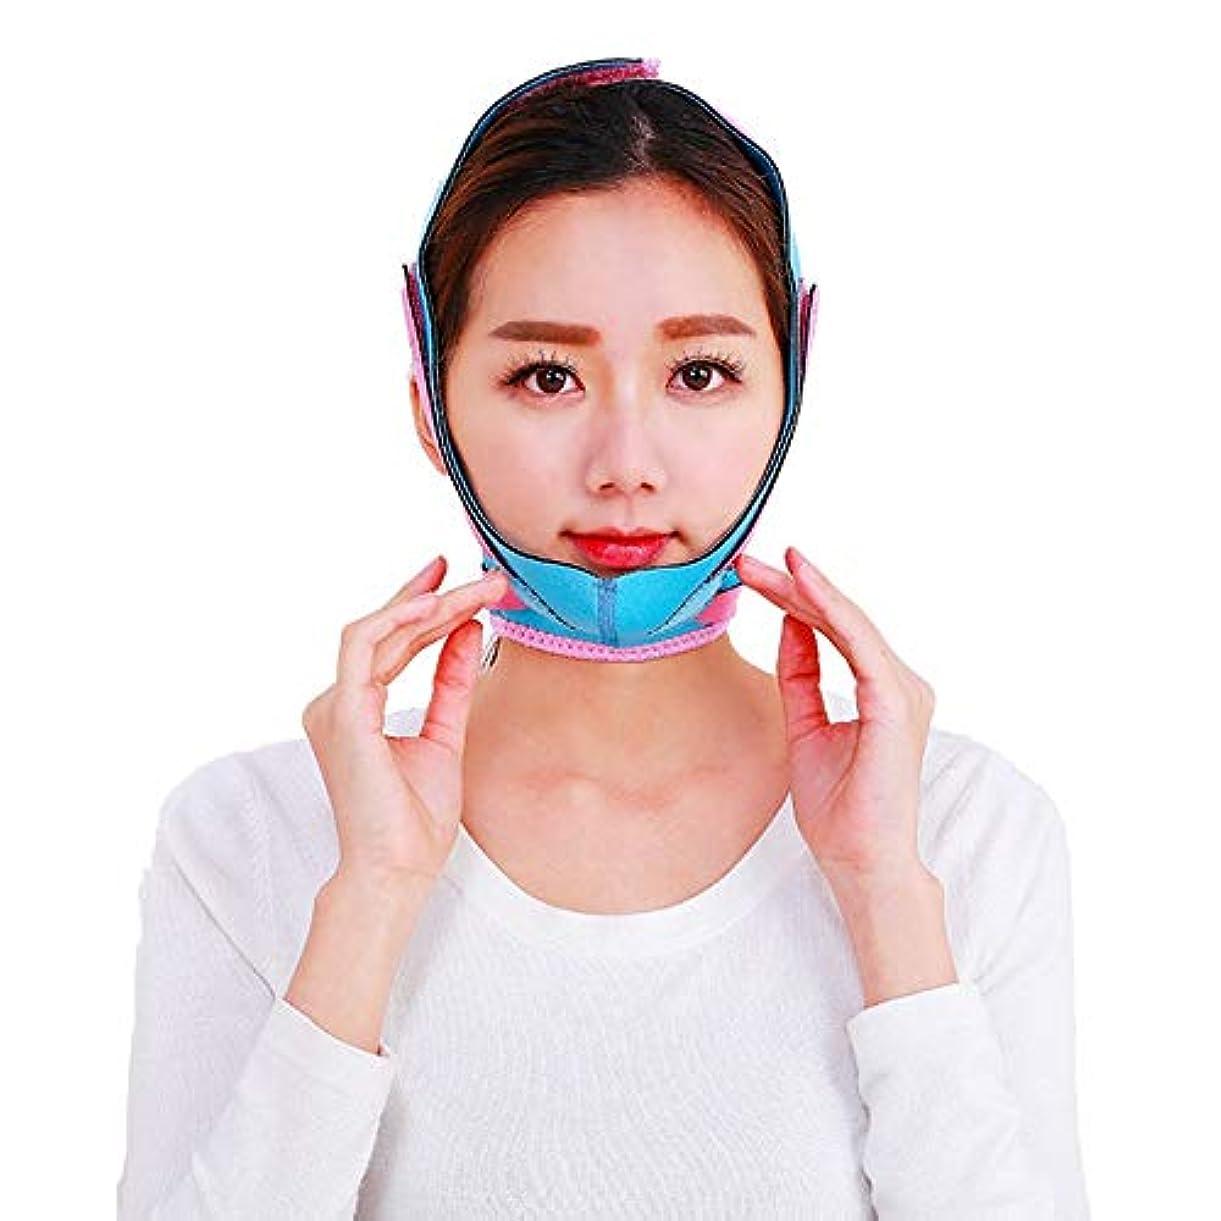 イタリック繁雑プログラムGYZ フェイシャルリフティング痩身ベルトシンフェイス包帯アンチエイジングシワフリーフェイシャルマッサージ整形マスクダブルチンワークアウト Thin Face Belt